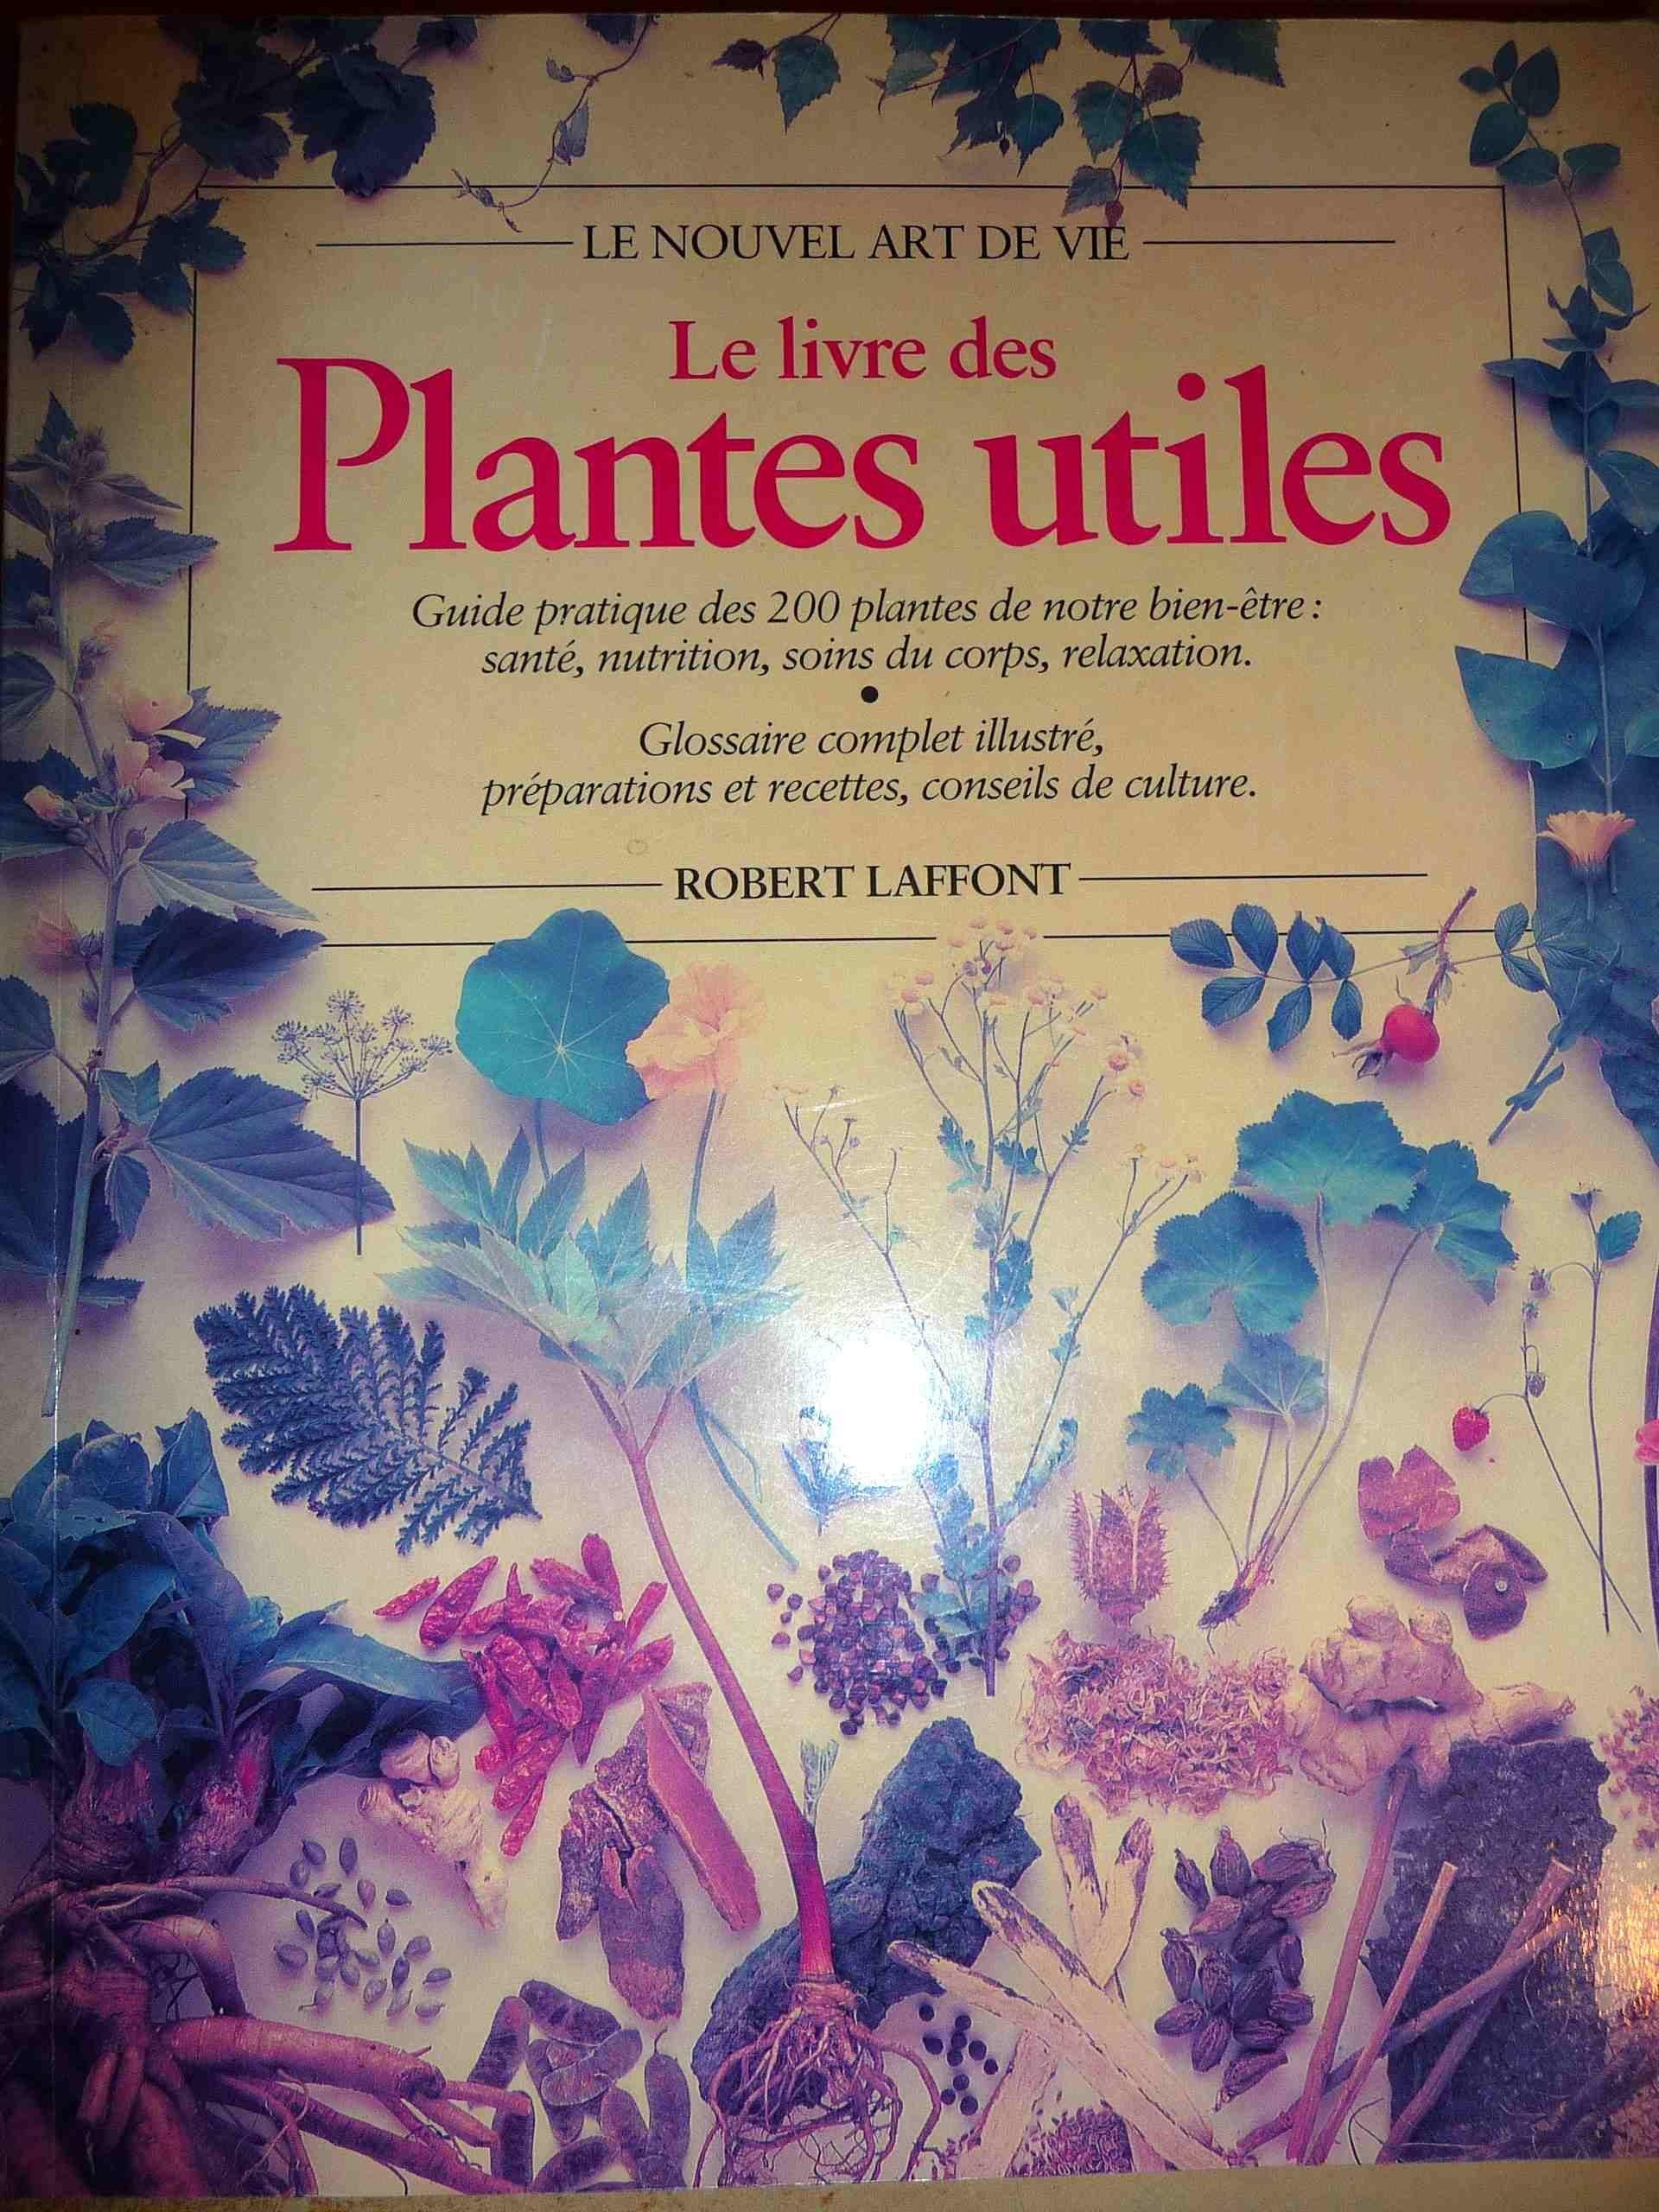 Le Livre des plantes utiles: Guide pratique des 200 plantes de notre bien-être: santé, nutrition, soin du corps, relaxation Richard Mabey